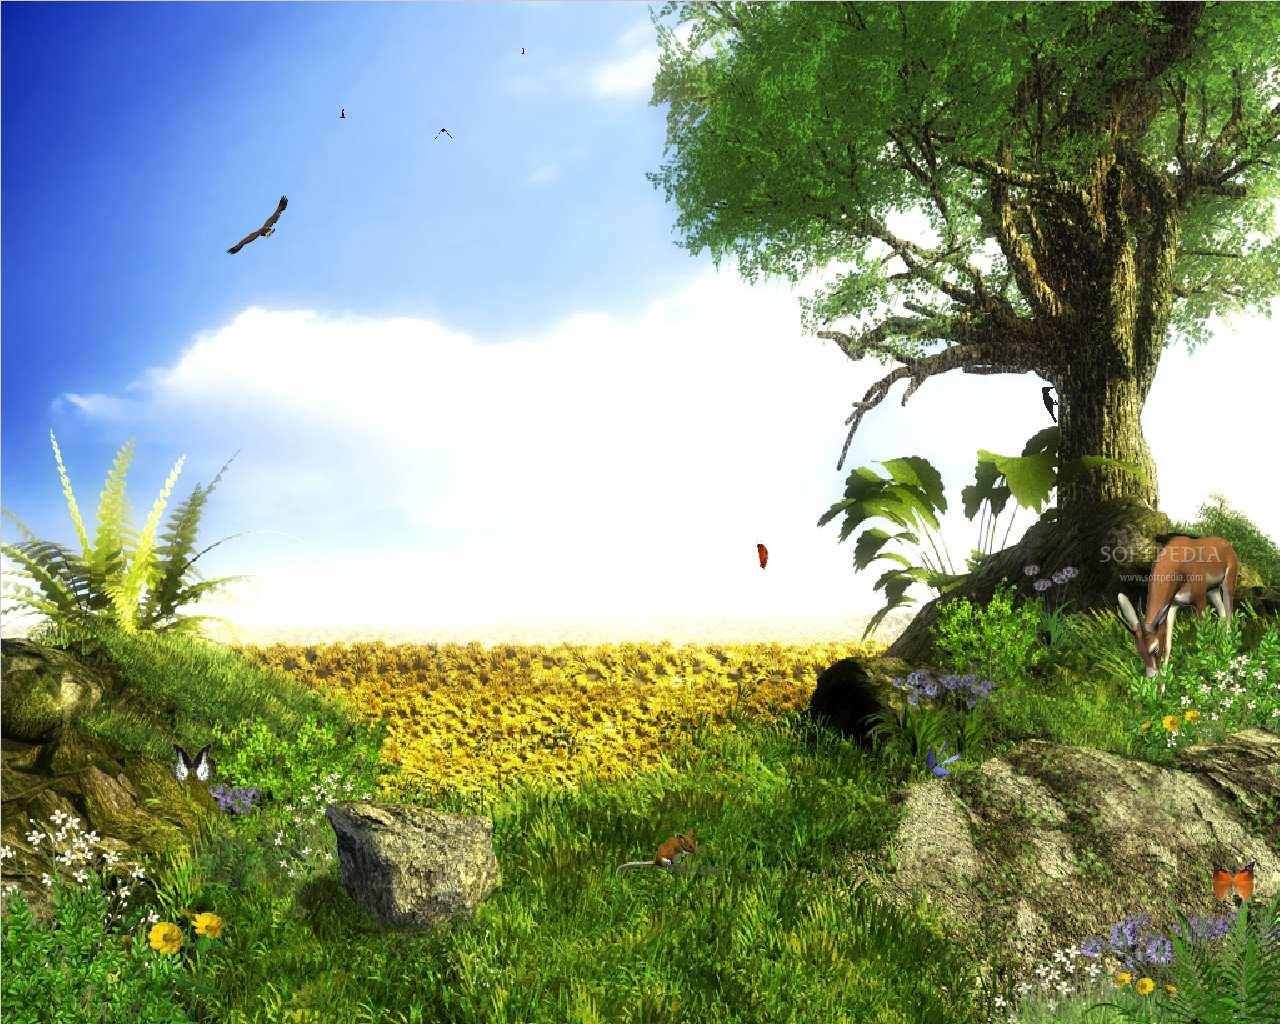 http://2.bp.blogspot.com/-XYnz5opgkqk/TfOcLgTihAI/AAAAAAAACSc/H67YHNdMkIg/s1600/3D+Wallpapers+%25289%2529.jpg